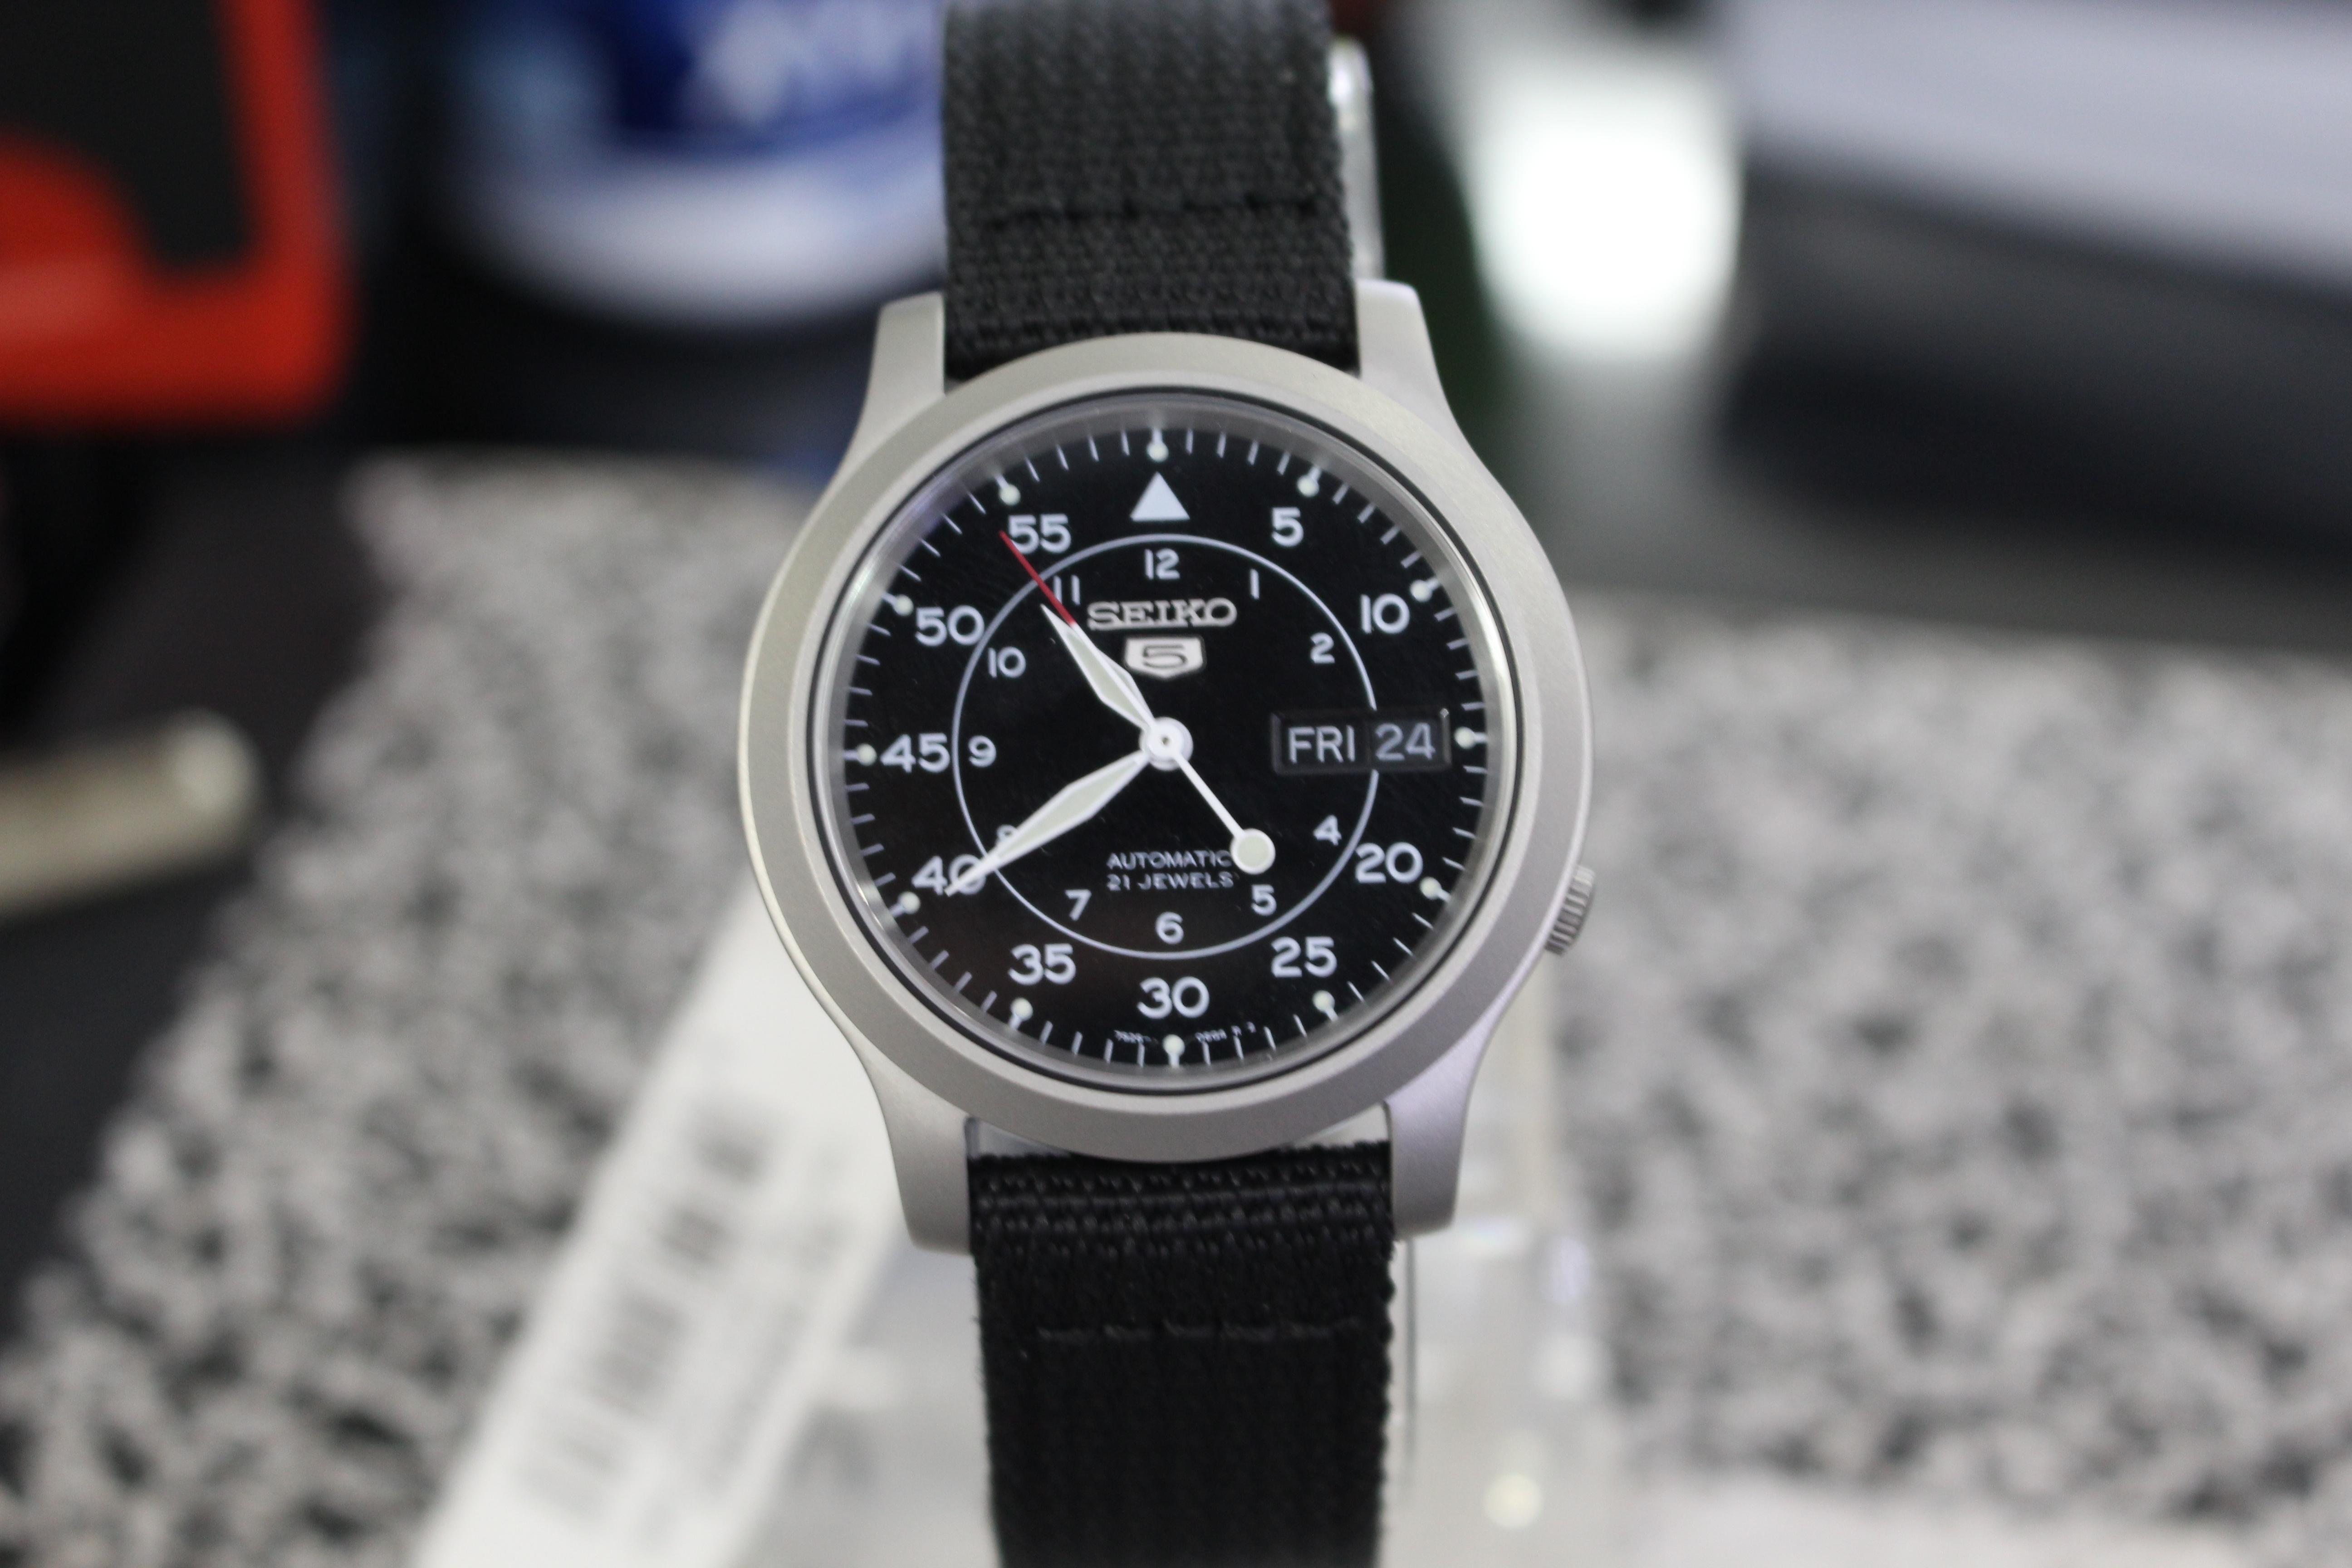 Thiết kế trẻ trung, năng động là ưu điểm lớn nhất của mẫu đồng hồ Seiko 5 SNK809K2